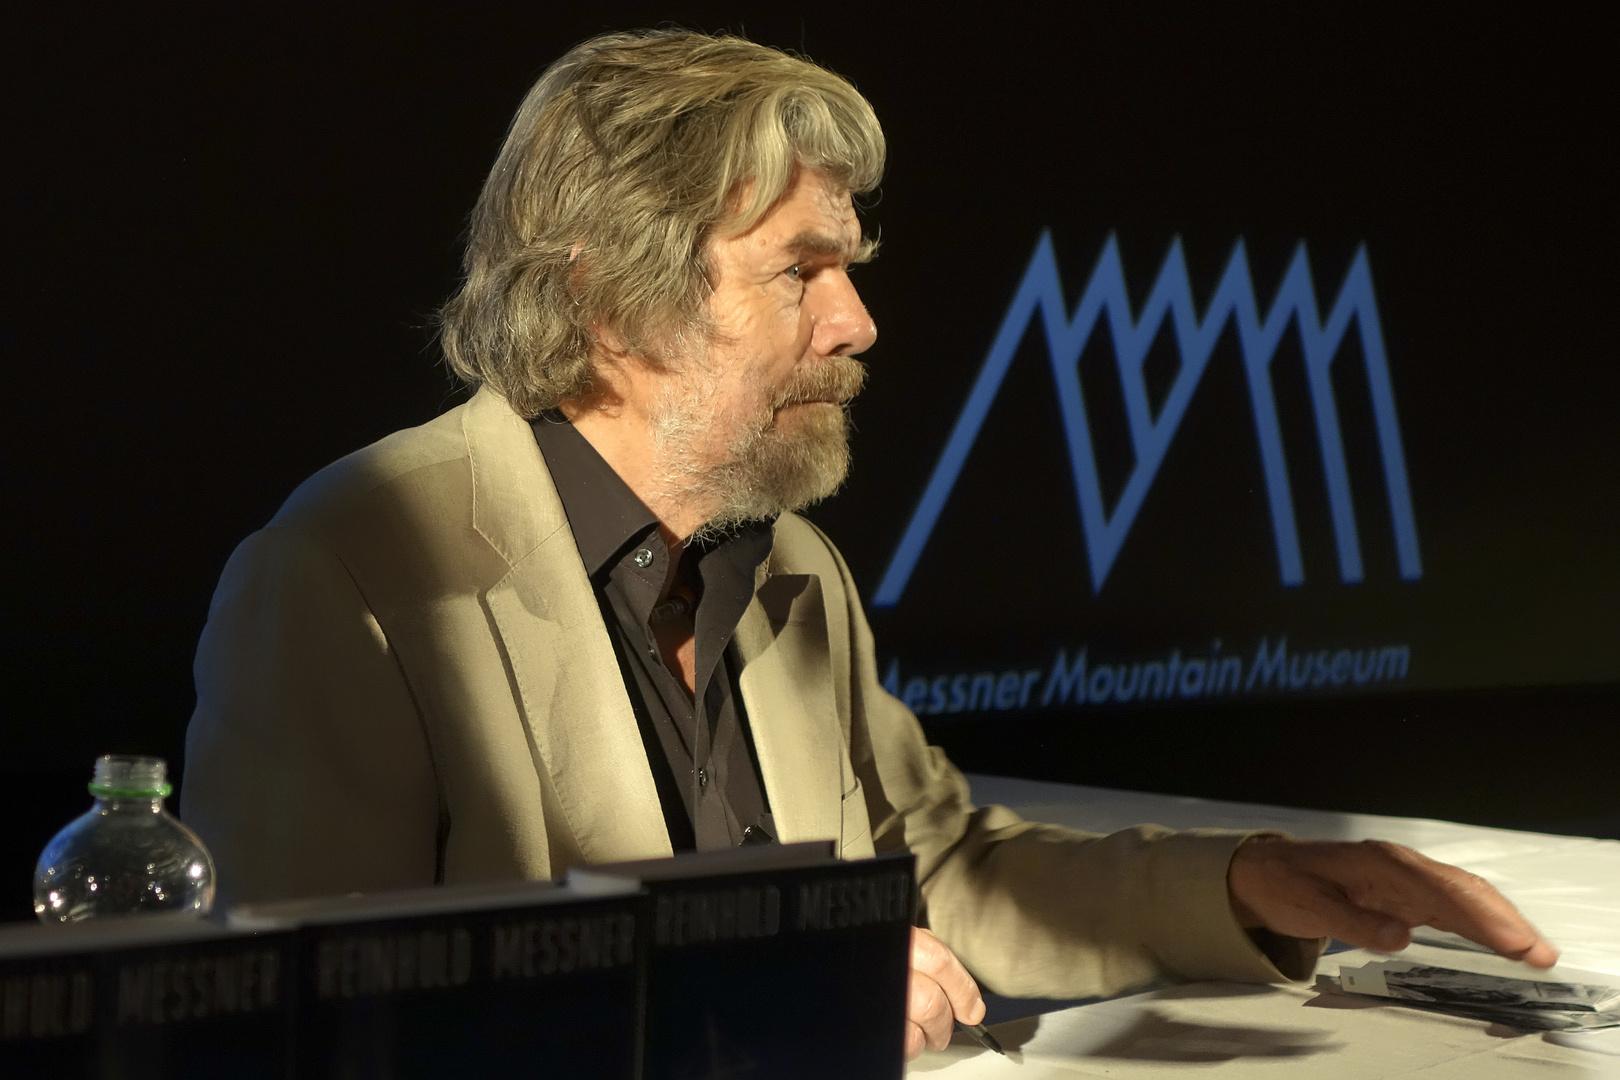 Reinhold Messner in Dresden